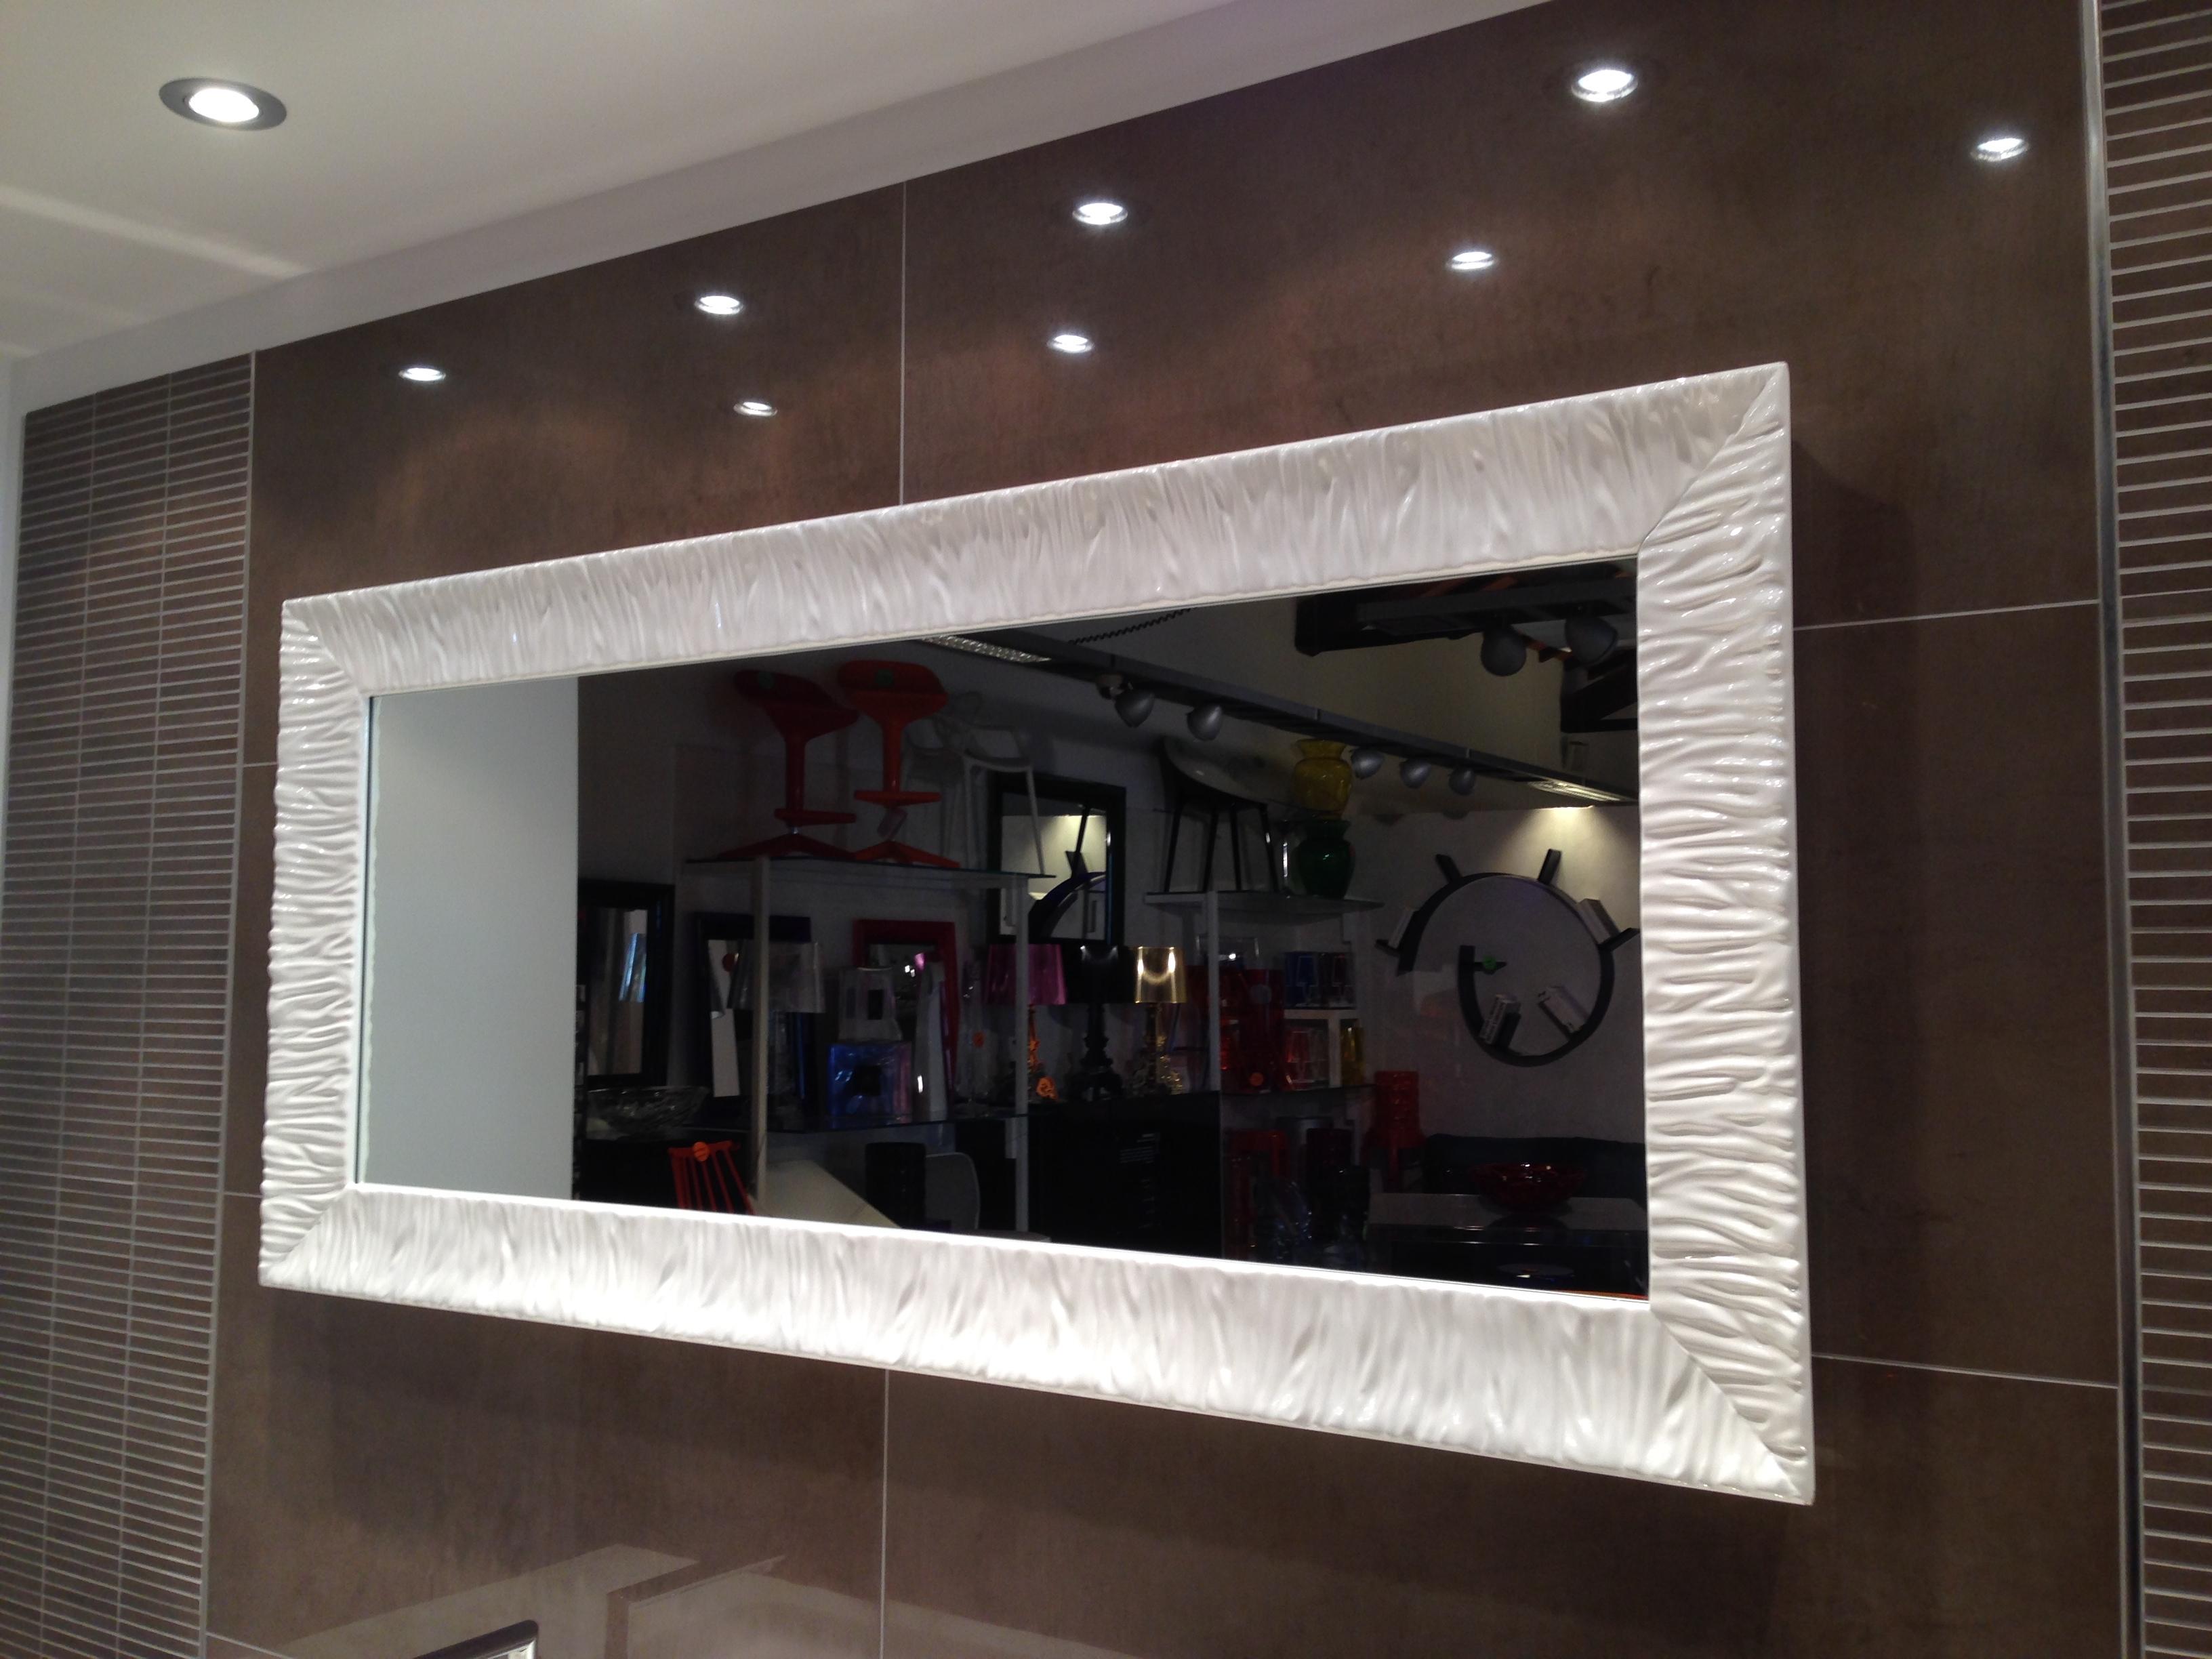 Specchio arbi in promozione complementi a prezzi scontati - Specchi in casa ...